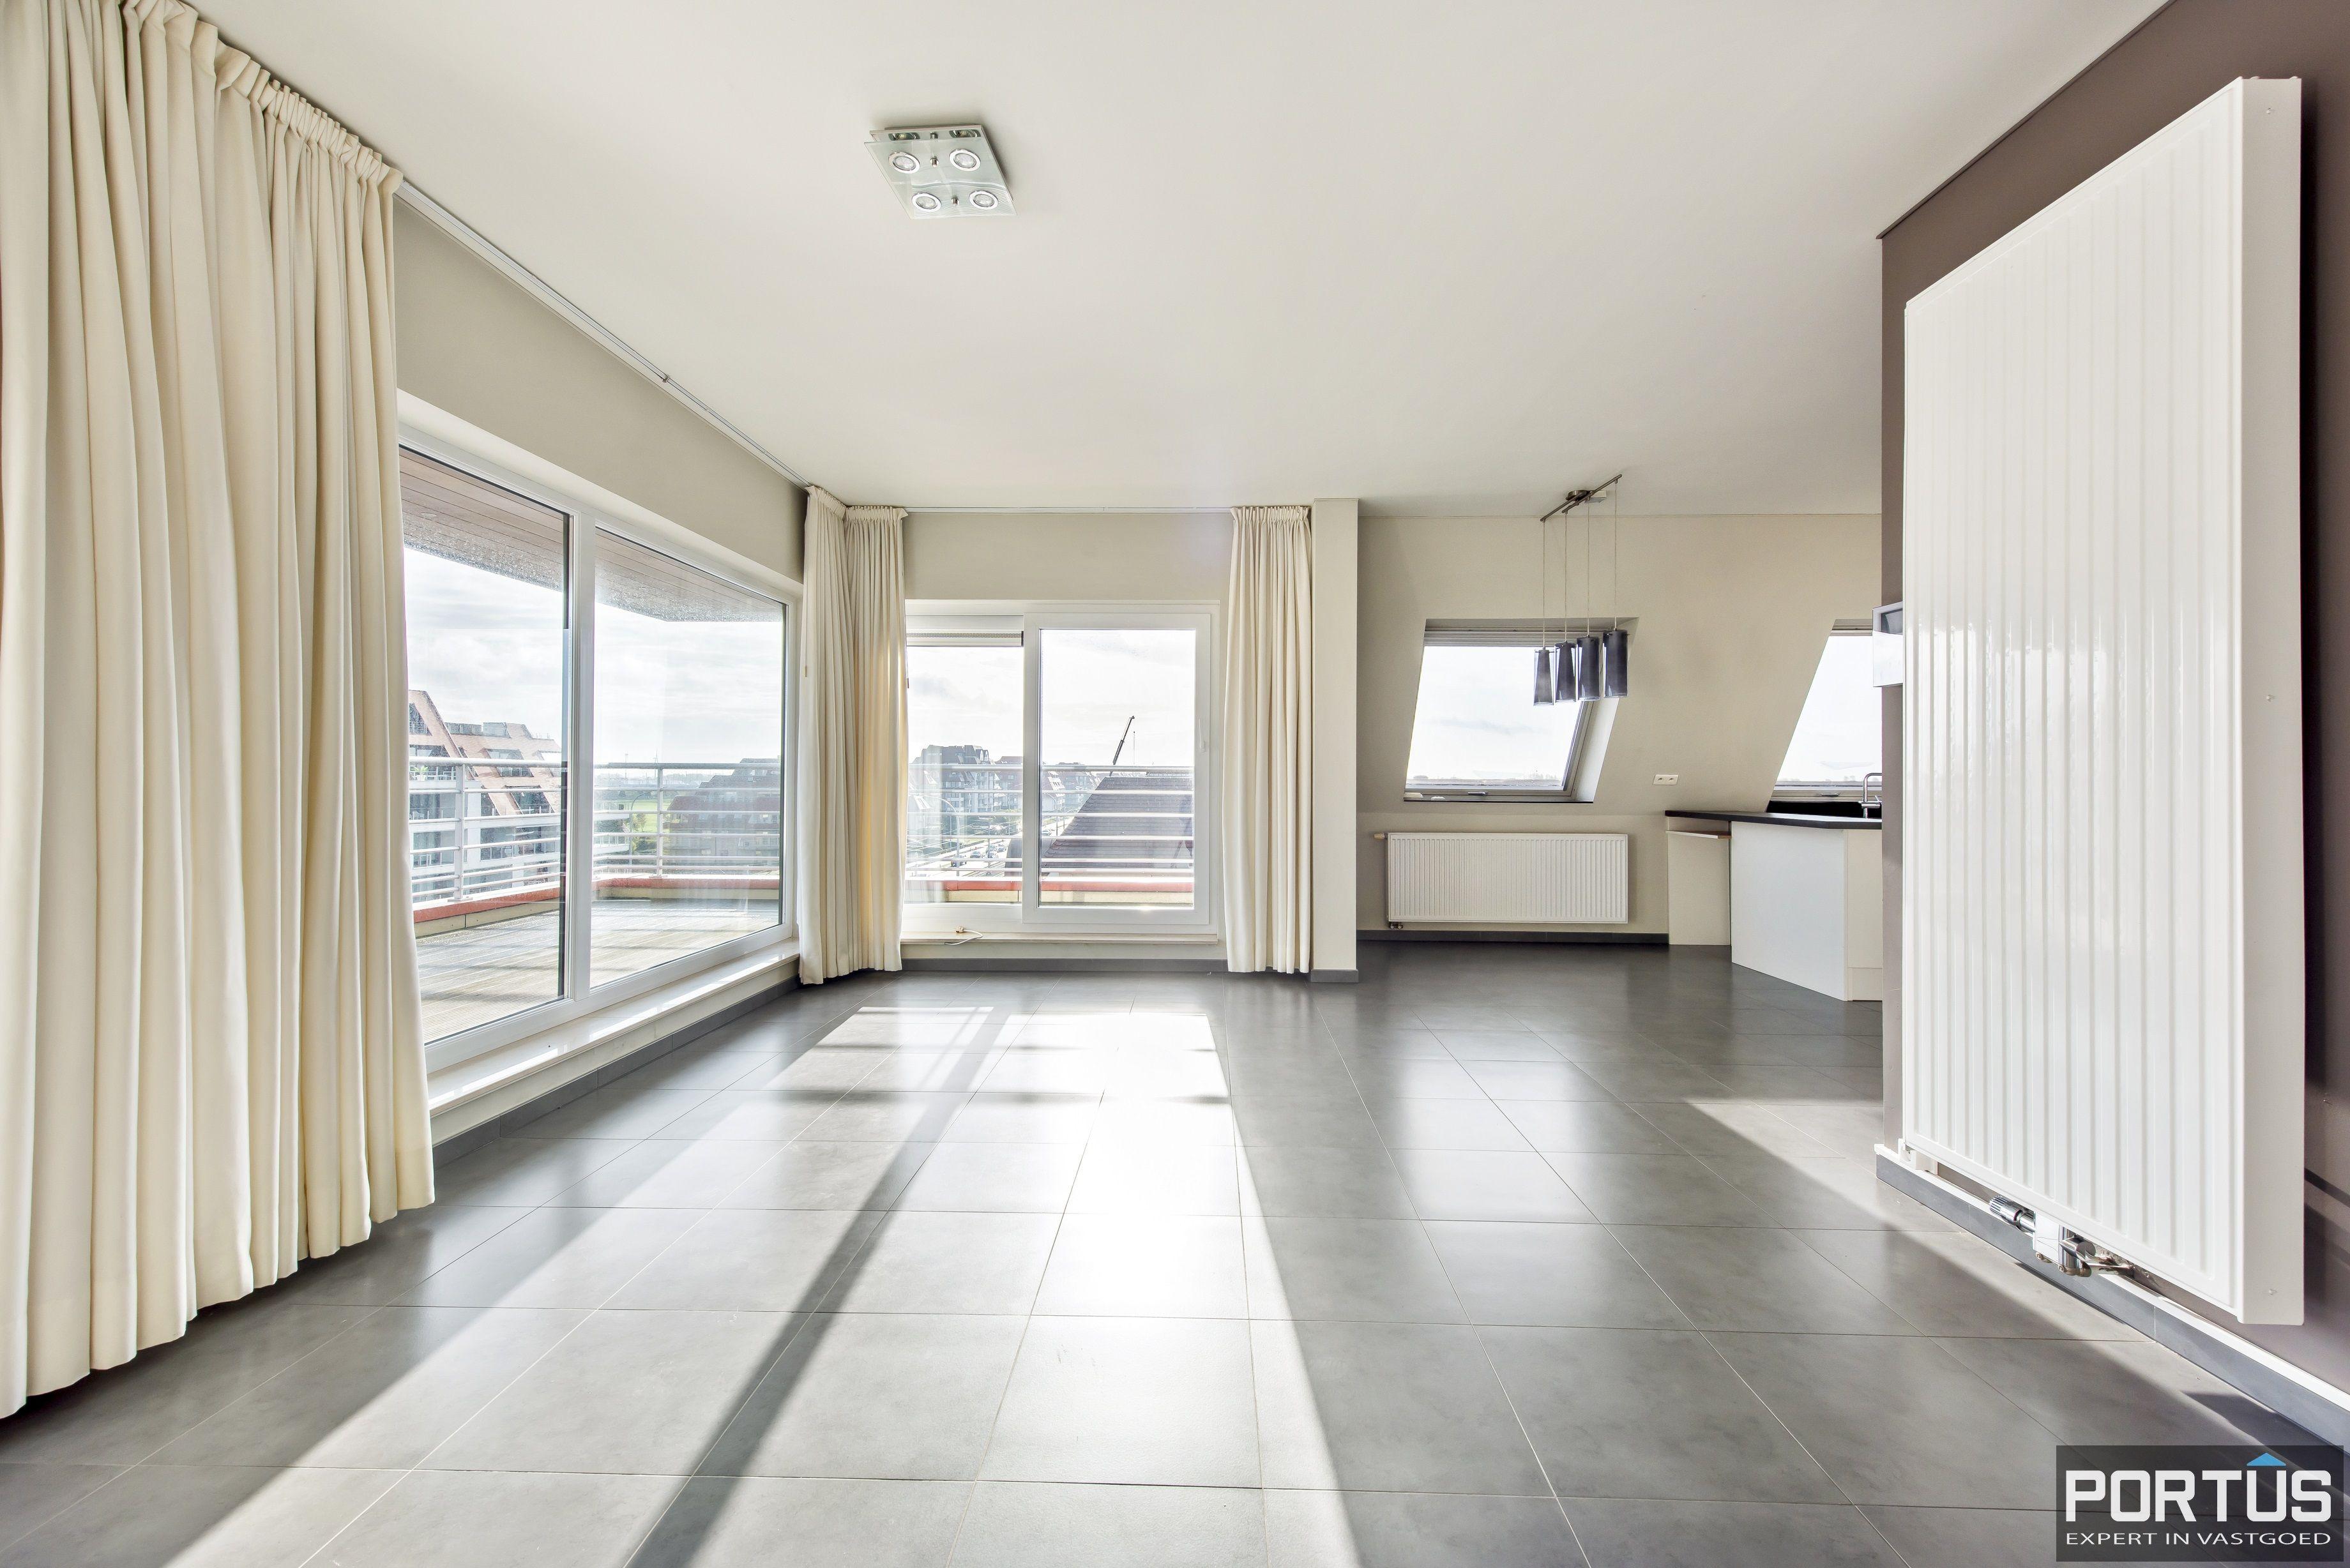 Instapklaar zongericht appartement met 2 slaapkamers te koop in Nieuwpoort - 10017